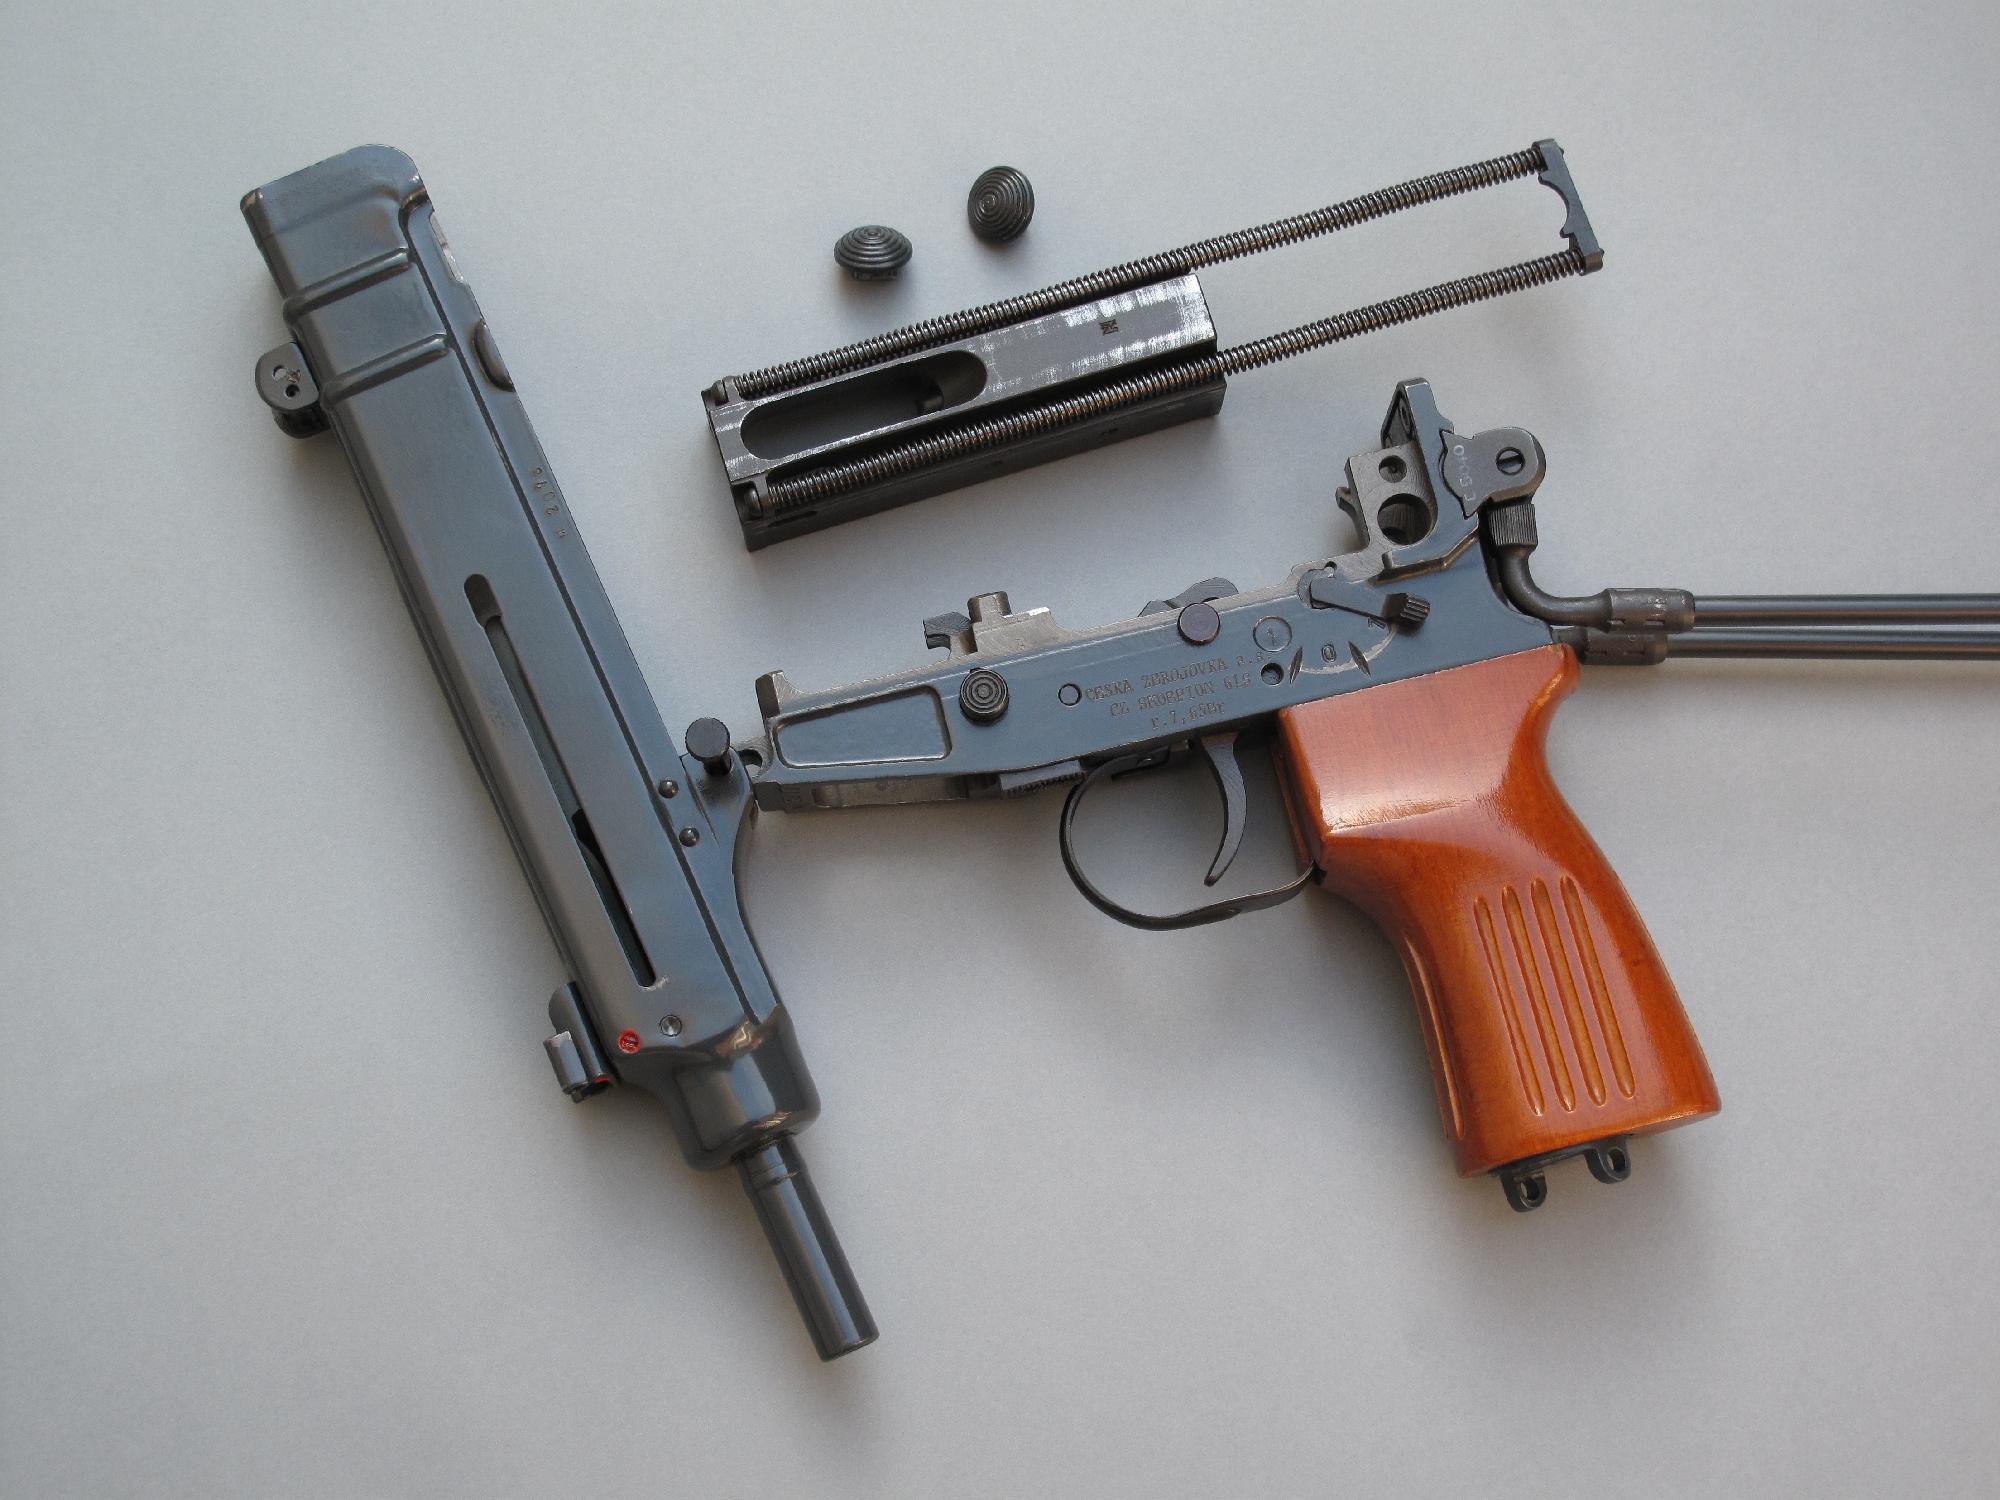 La dépose de la culasse, afin de pouvoir procéder au nettoyage de l'arme, s'effectue de façon extrêmement rapide et ne nécessite aucun outil.